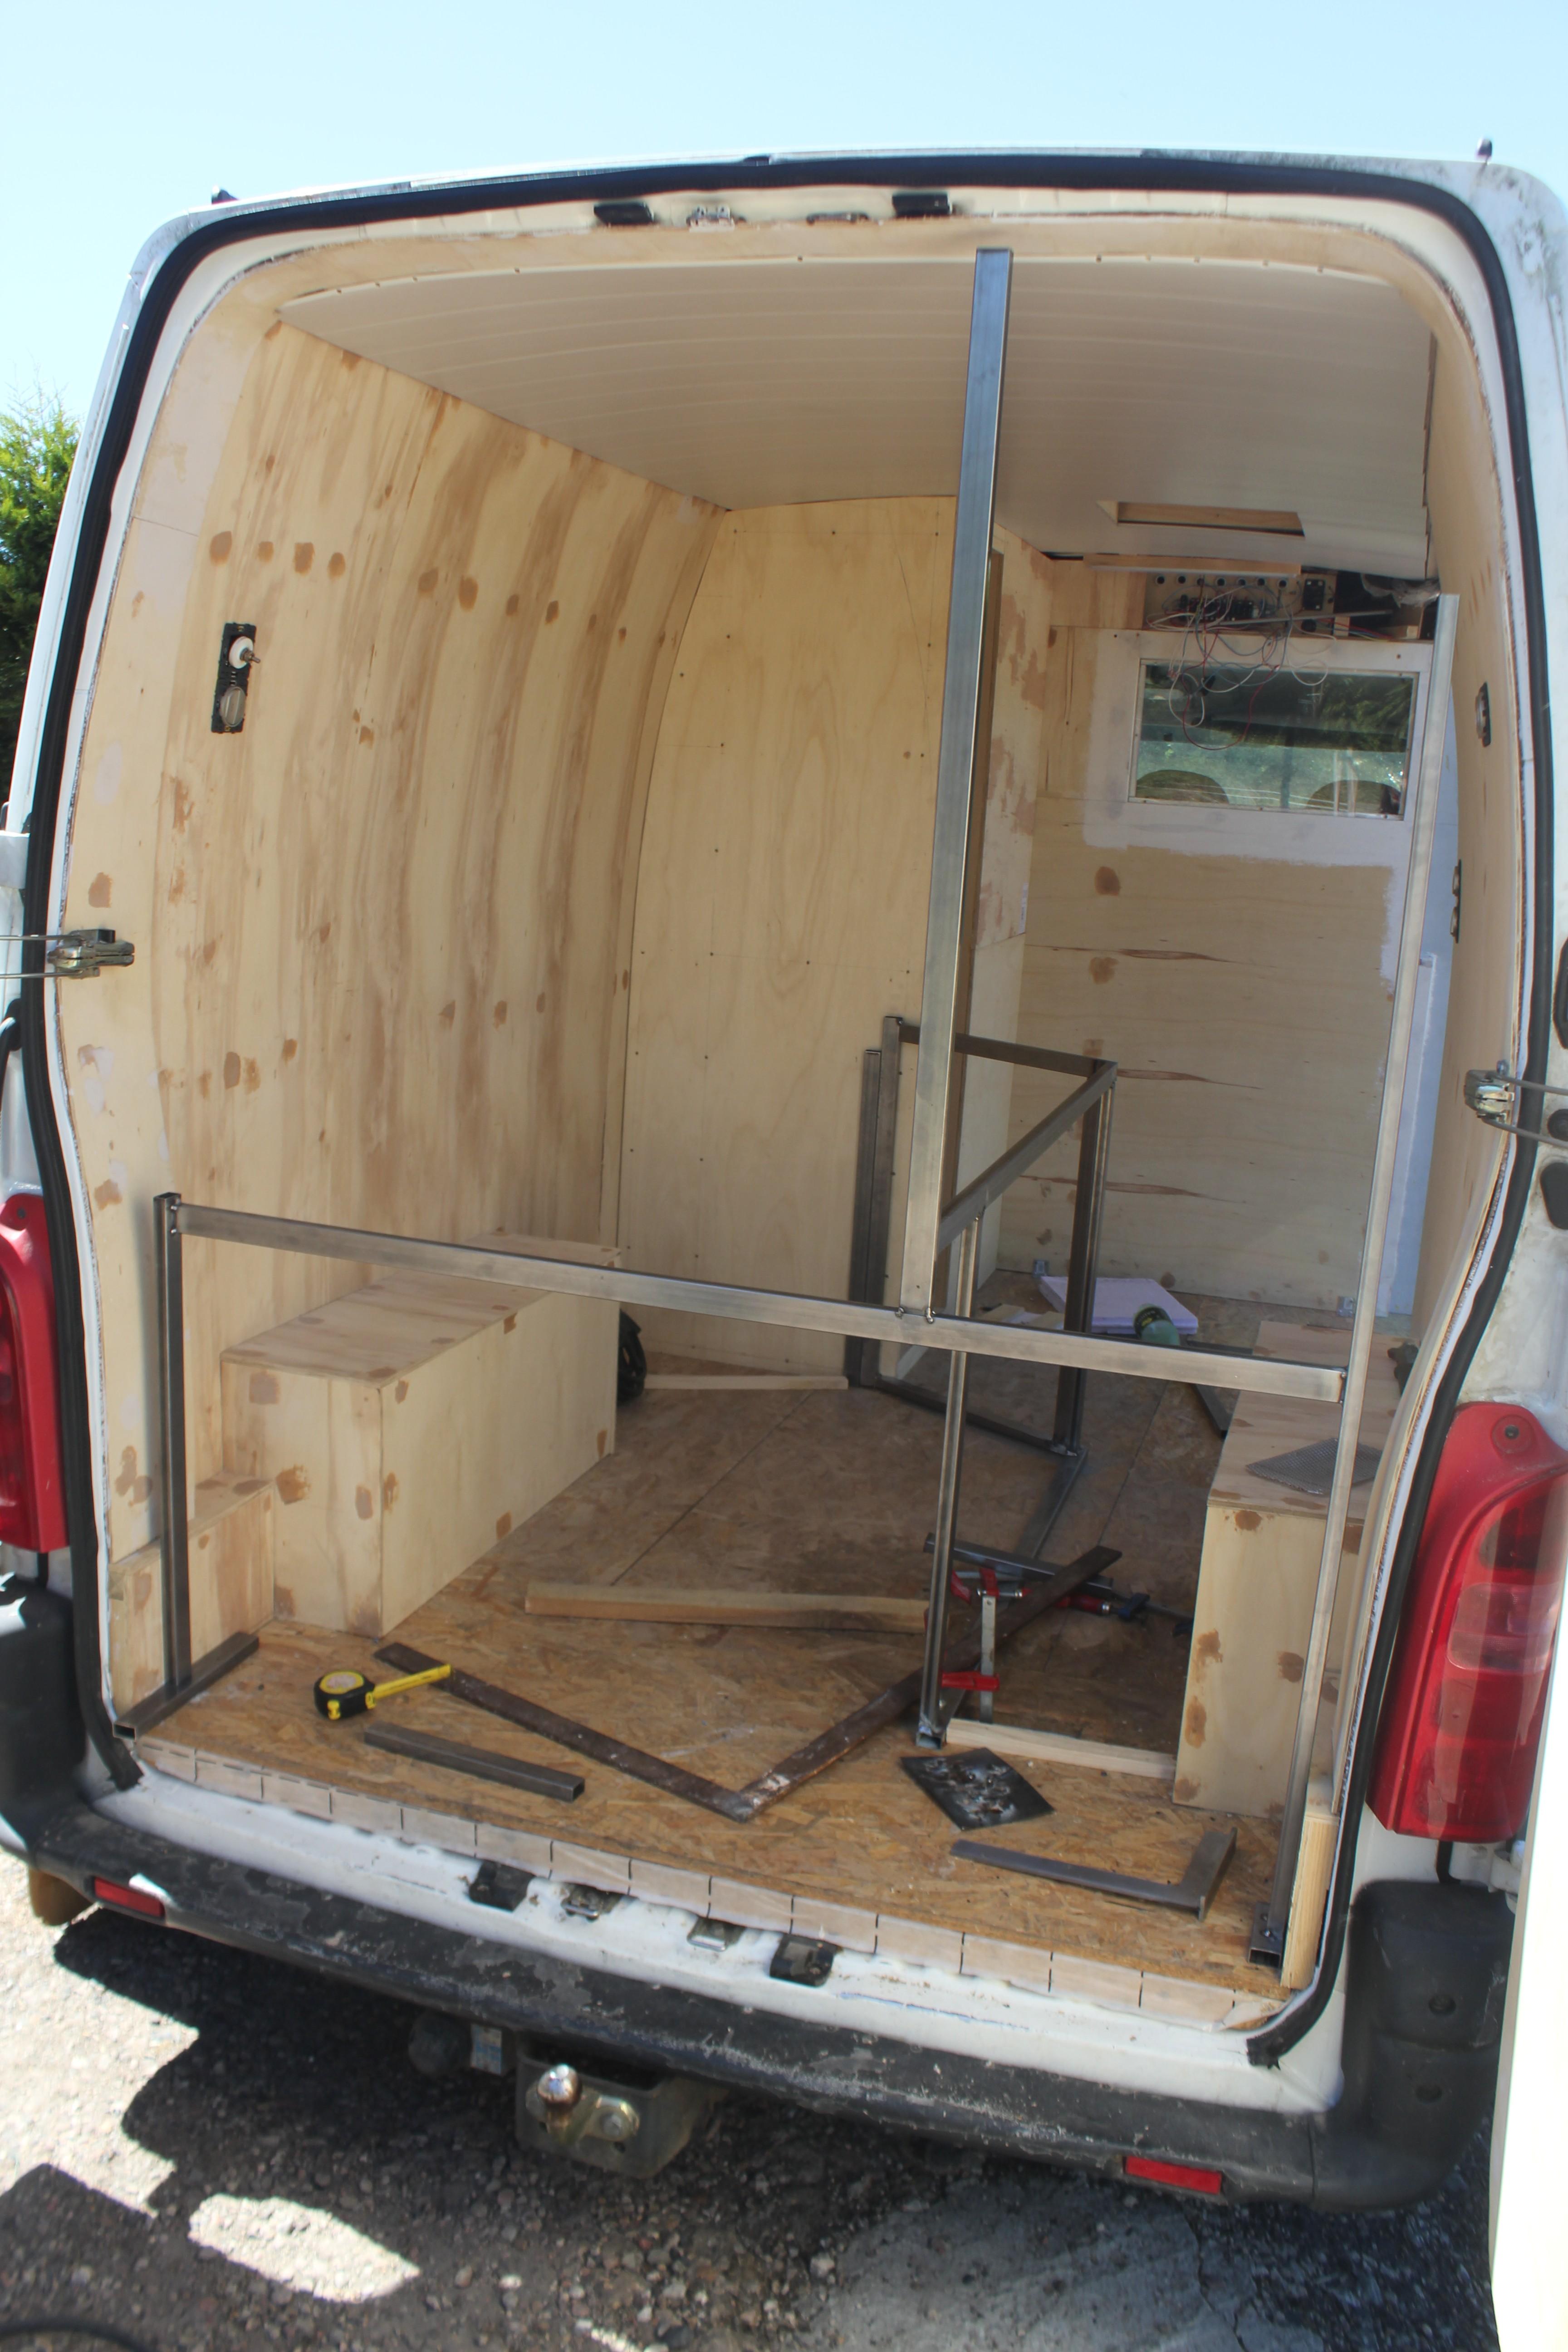 structure du lit poimobile fourgon am nag. Black Bedroom Furniture Sets. Home Design Ideas